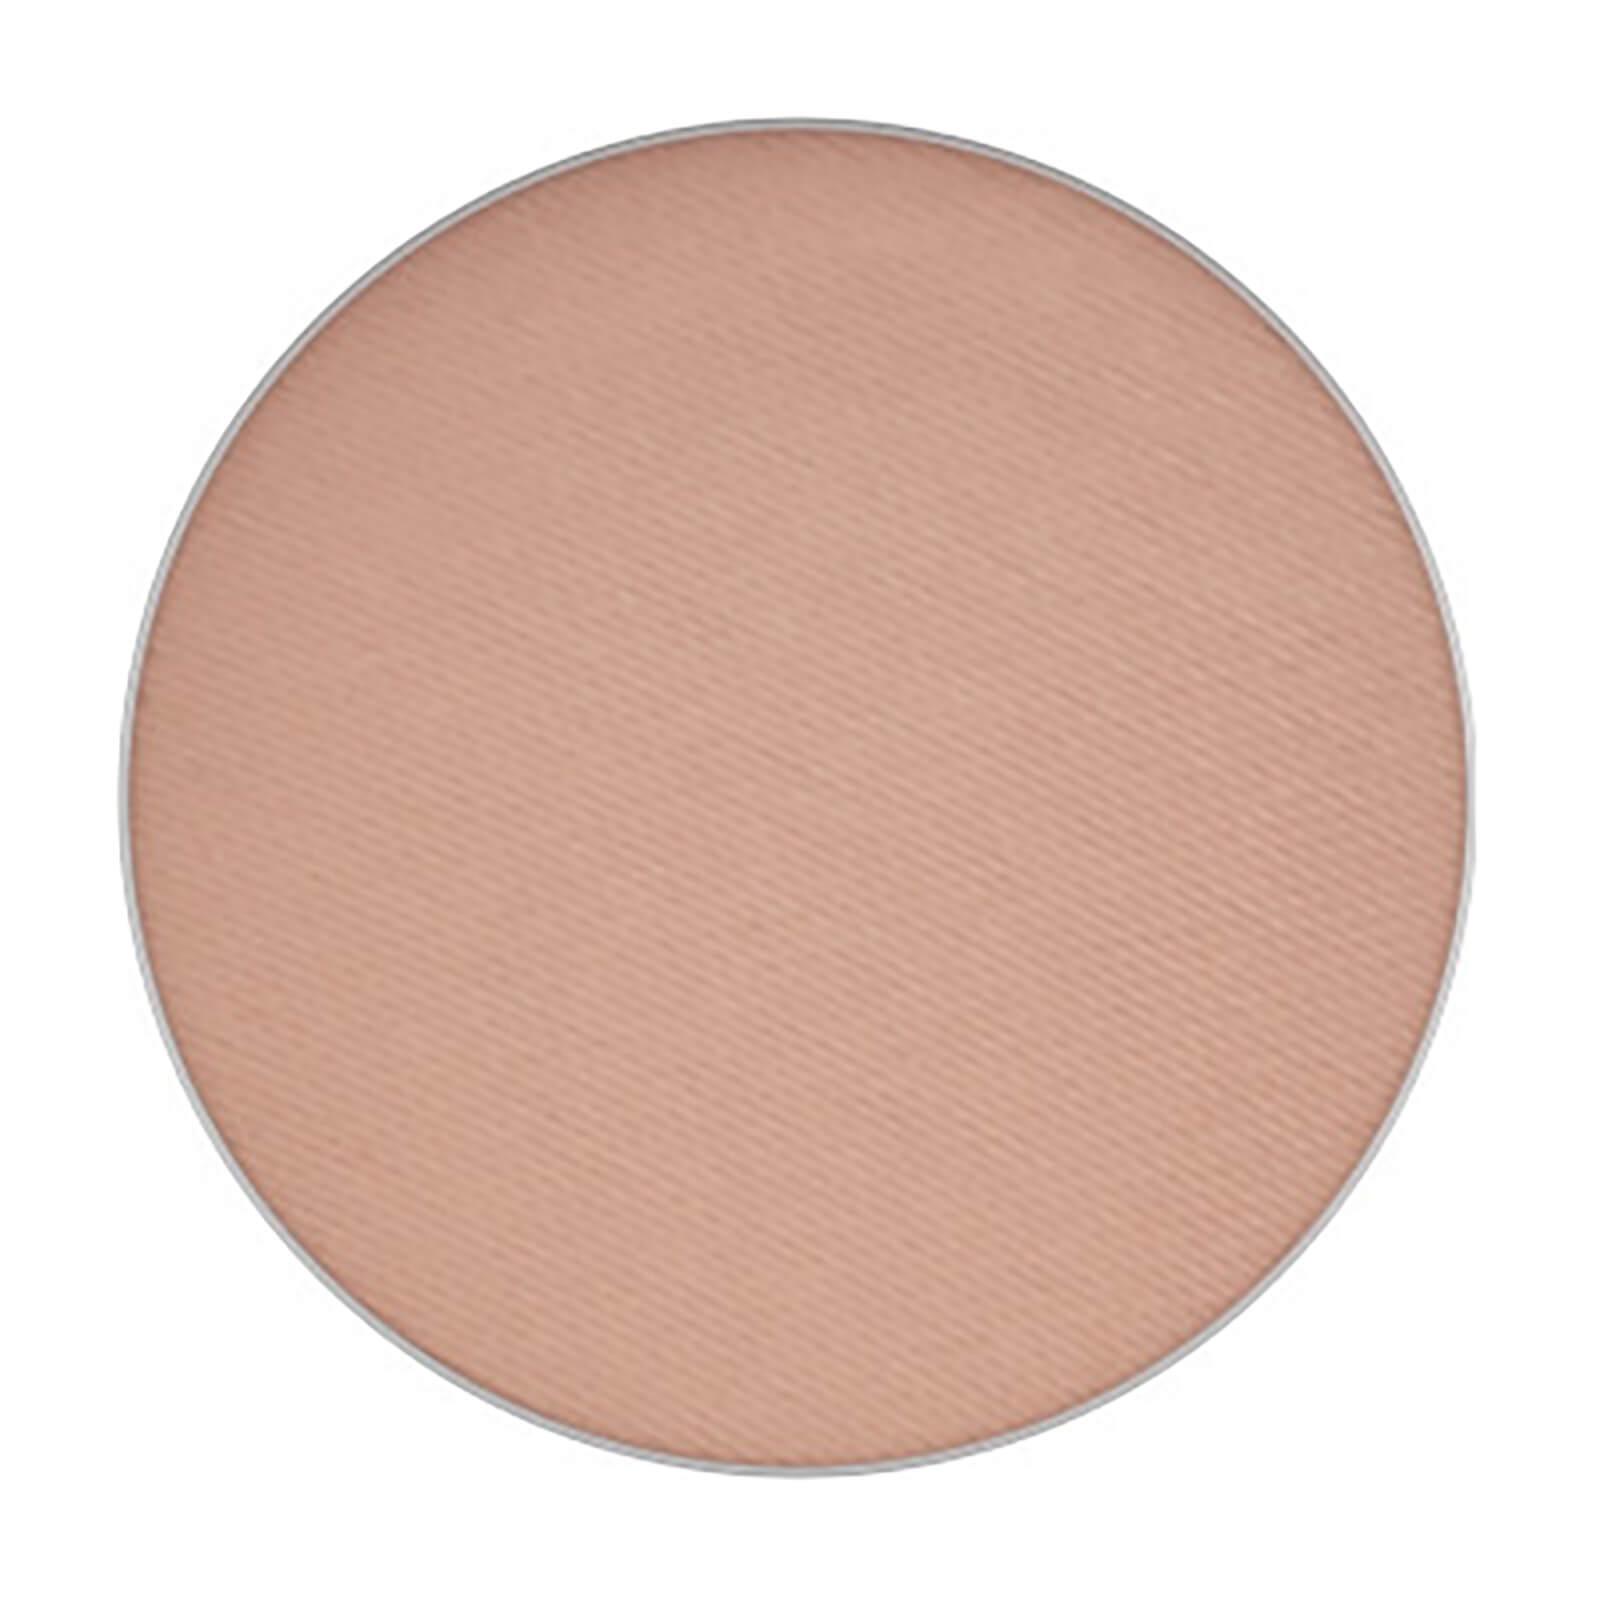 MAC Lidschatten Pro Palette Refill - klein (verschiedene Farben) - Matte - Wedge